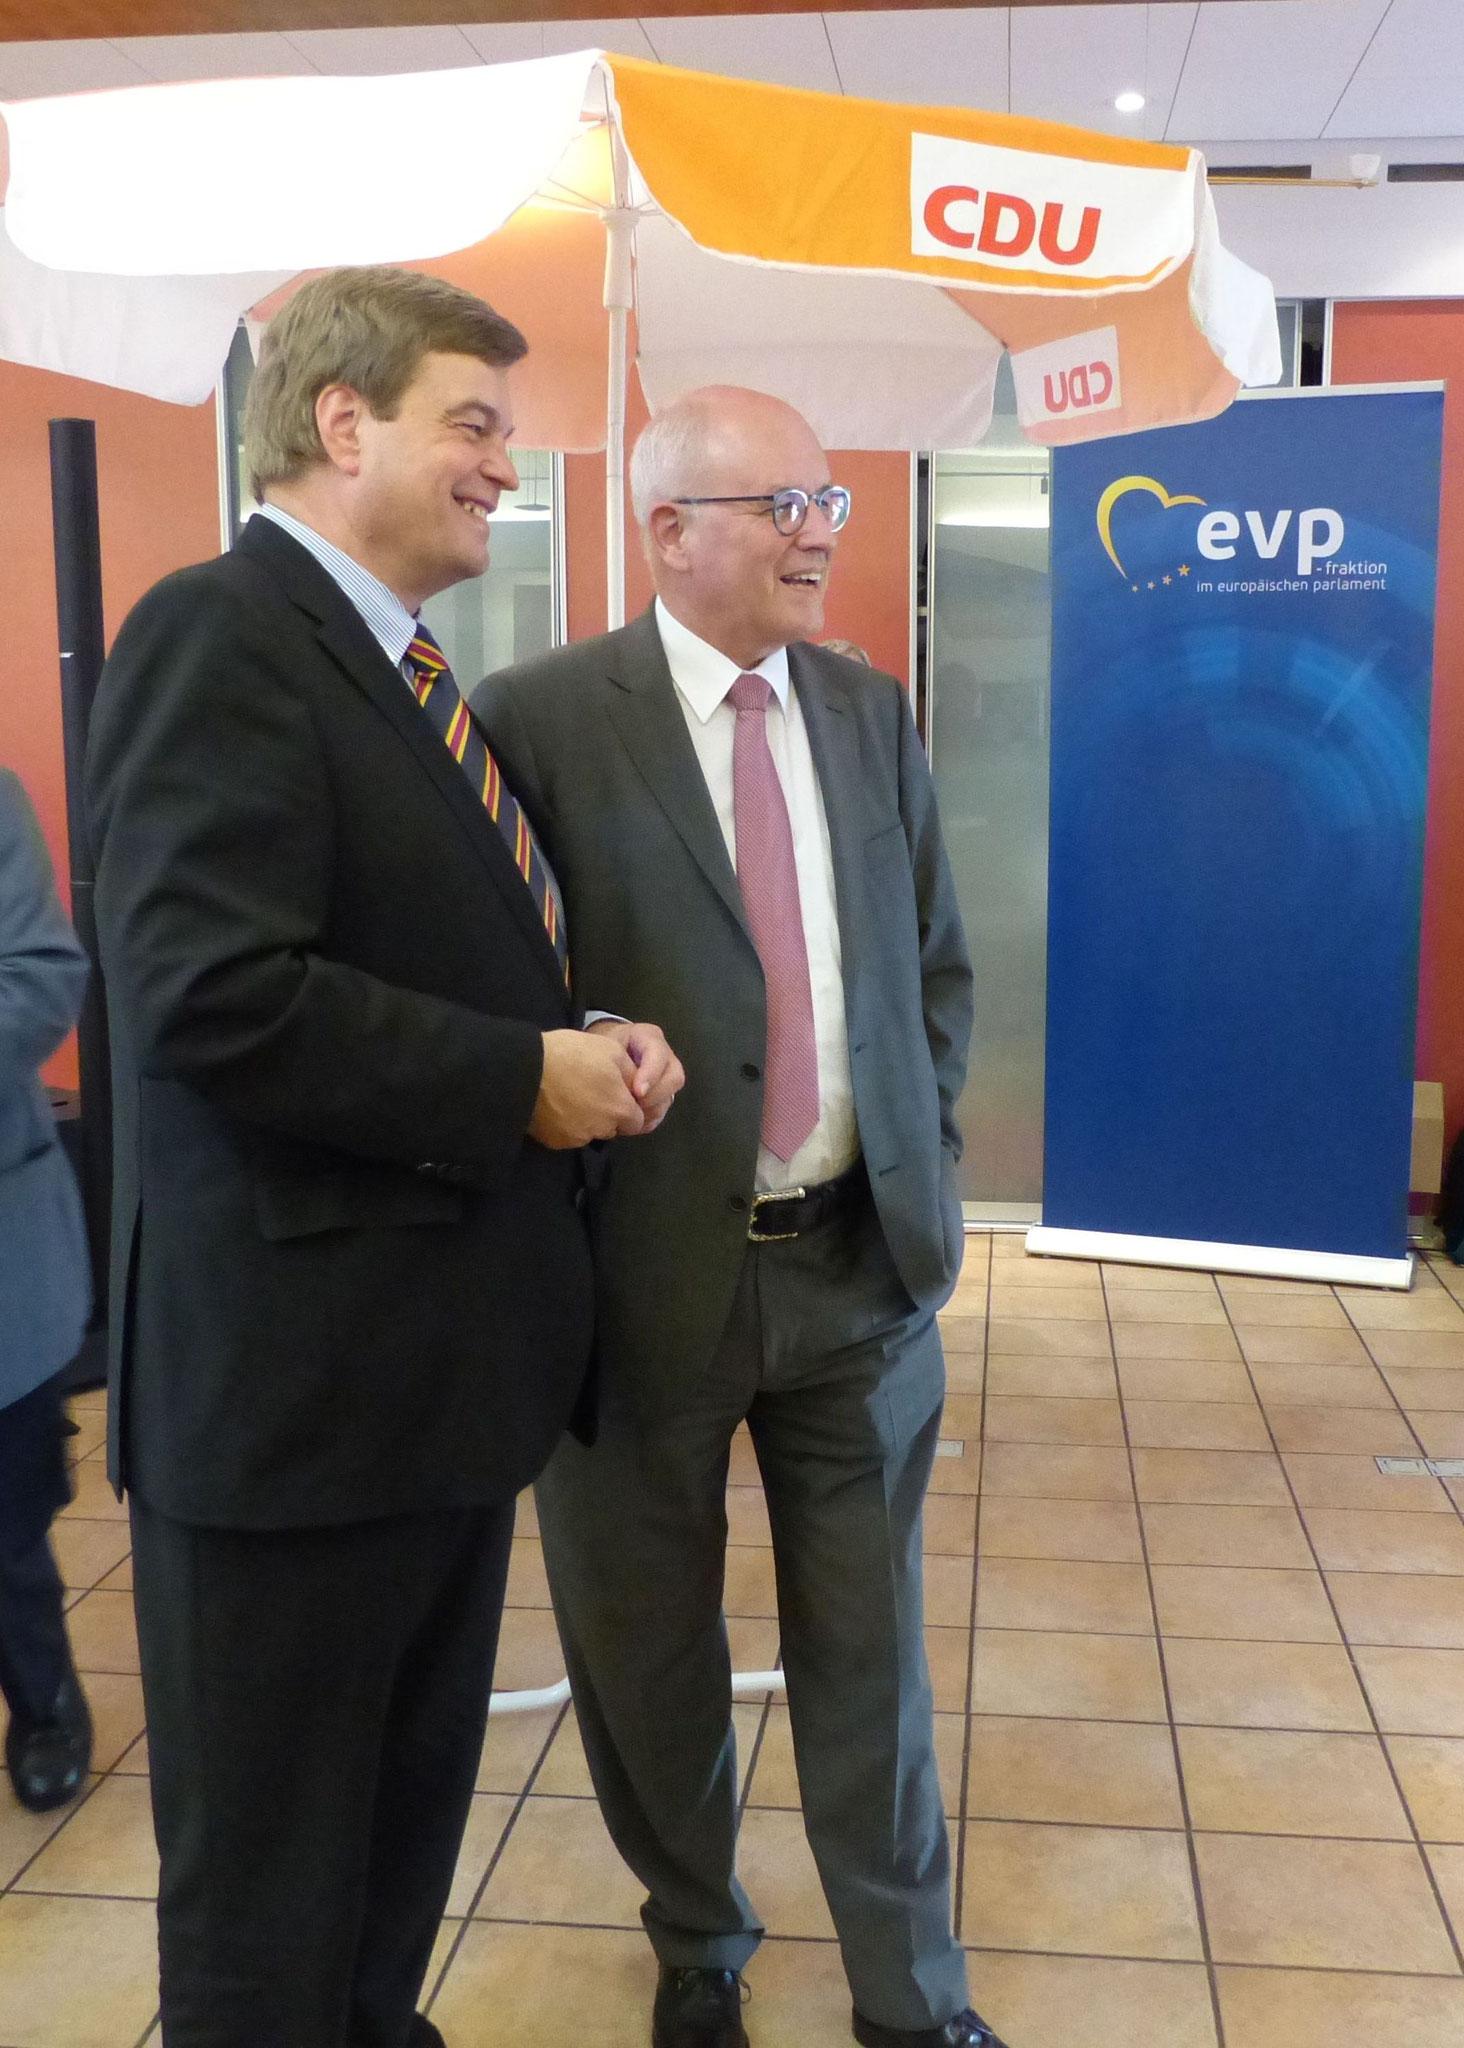 konnte Eank Ferlemann den CDU/CSU Fraktionsvorsitzenden im Bundestag, Volker Kauder begrüßen,...